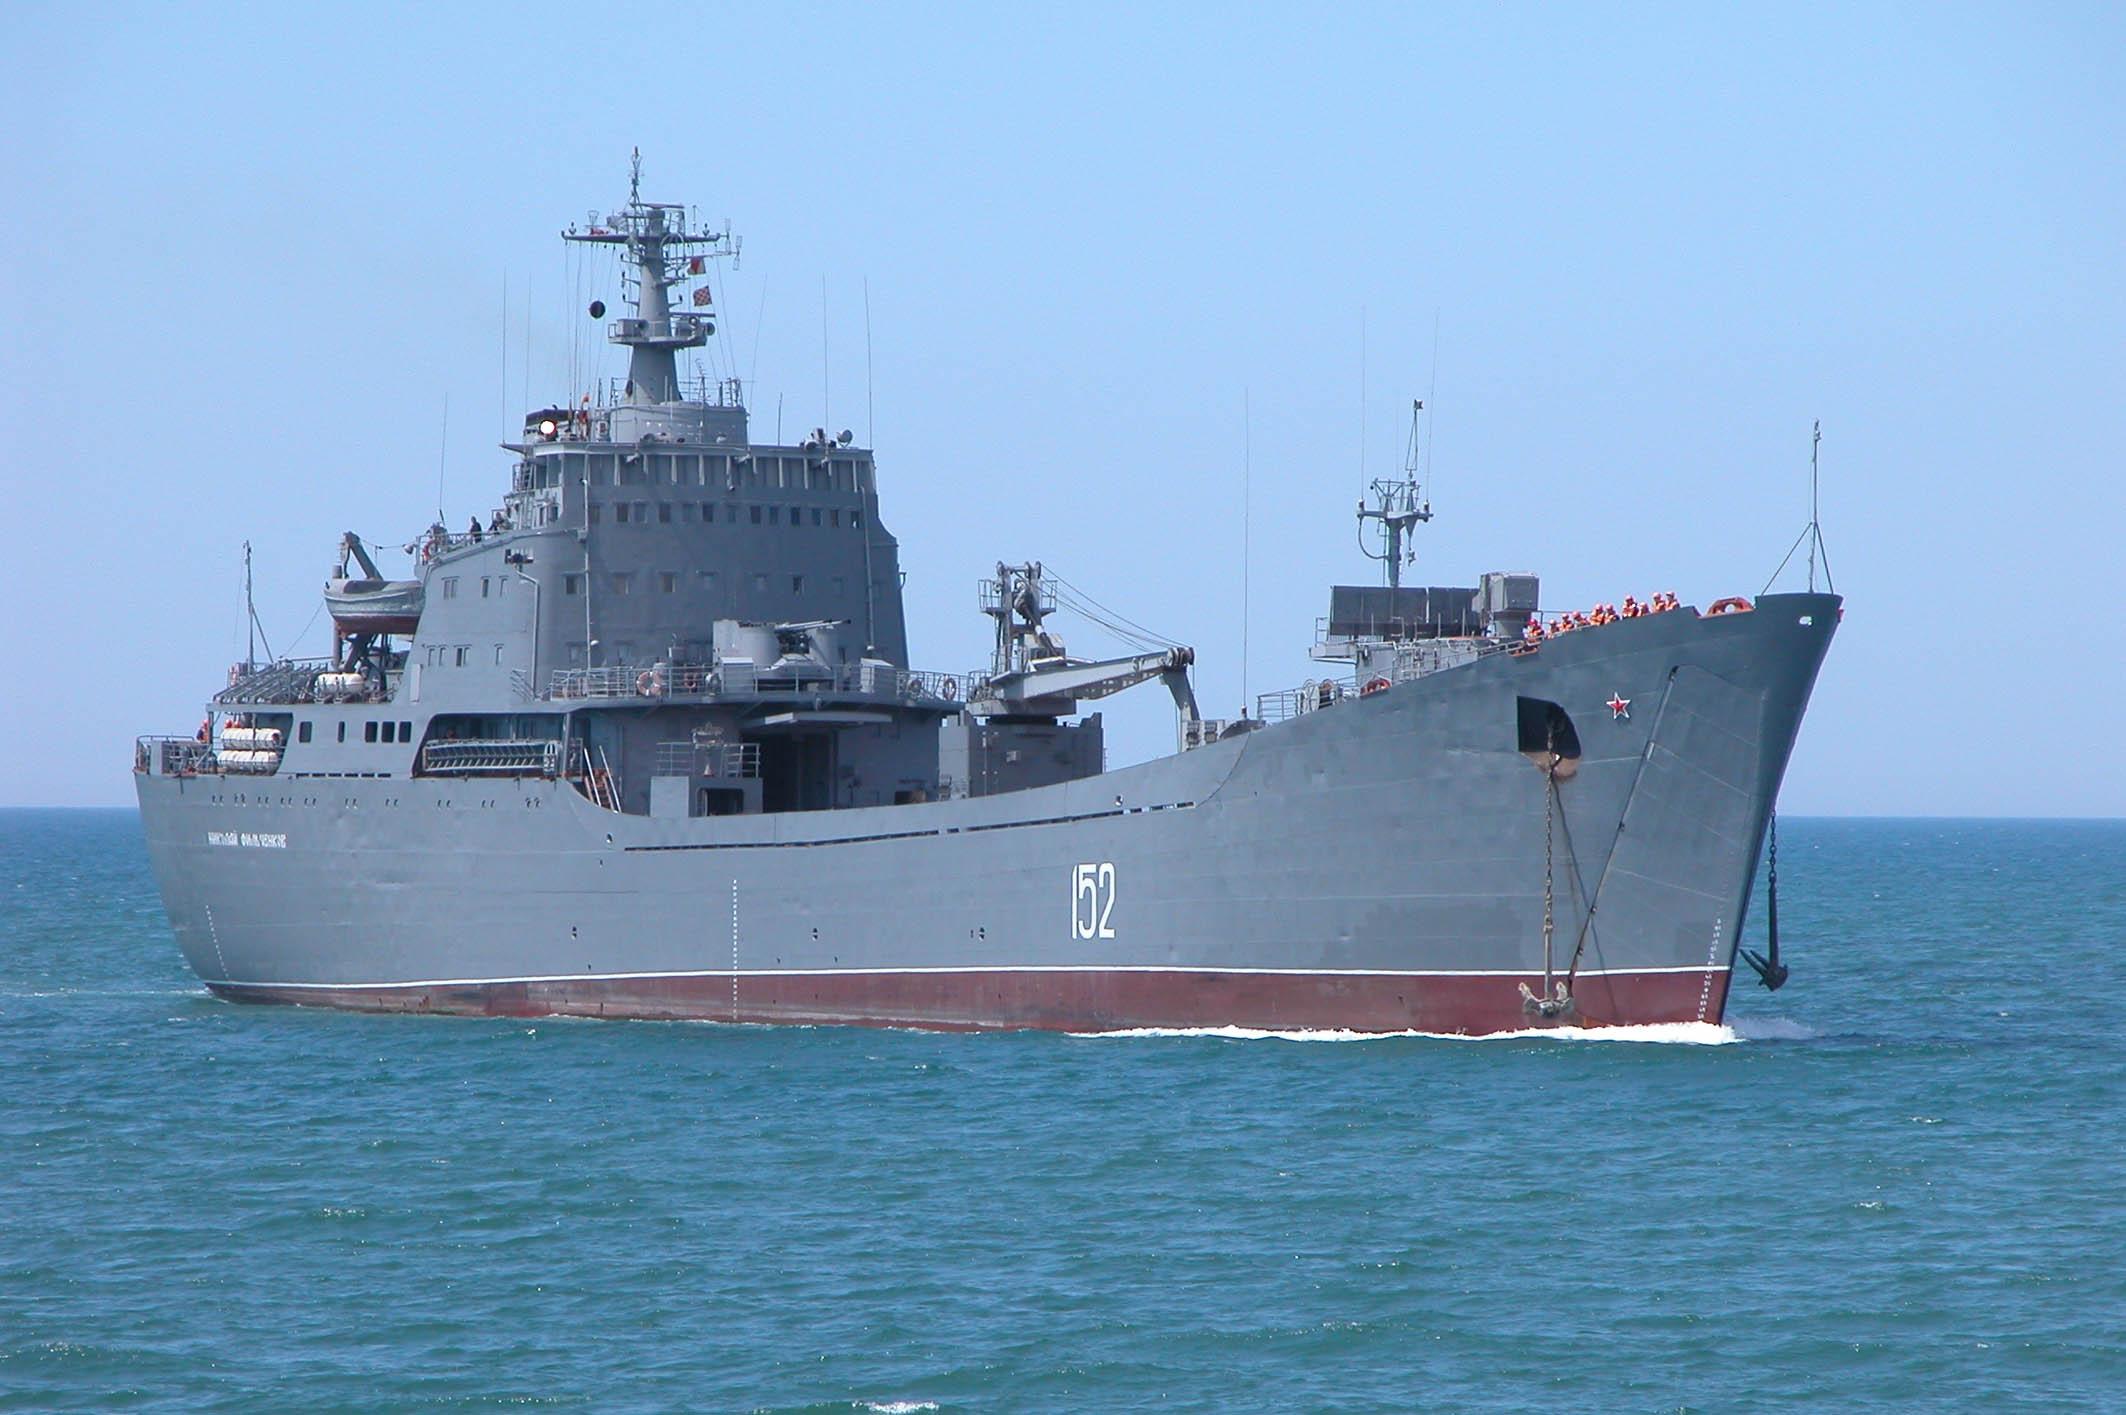 Rússia desloca mais um navio de desembarque para o Mediterrâneo, o Nikolai Filchenkov